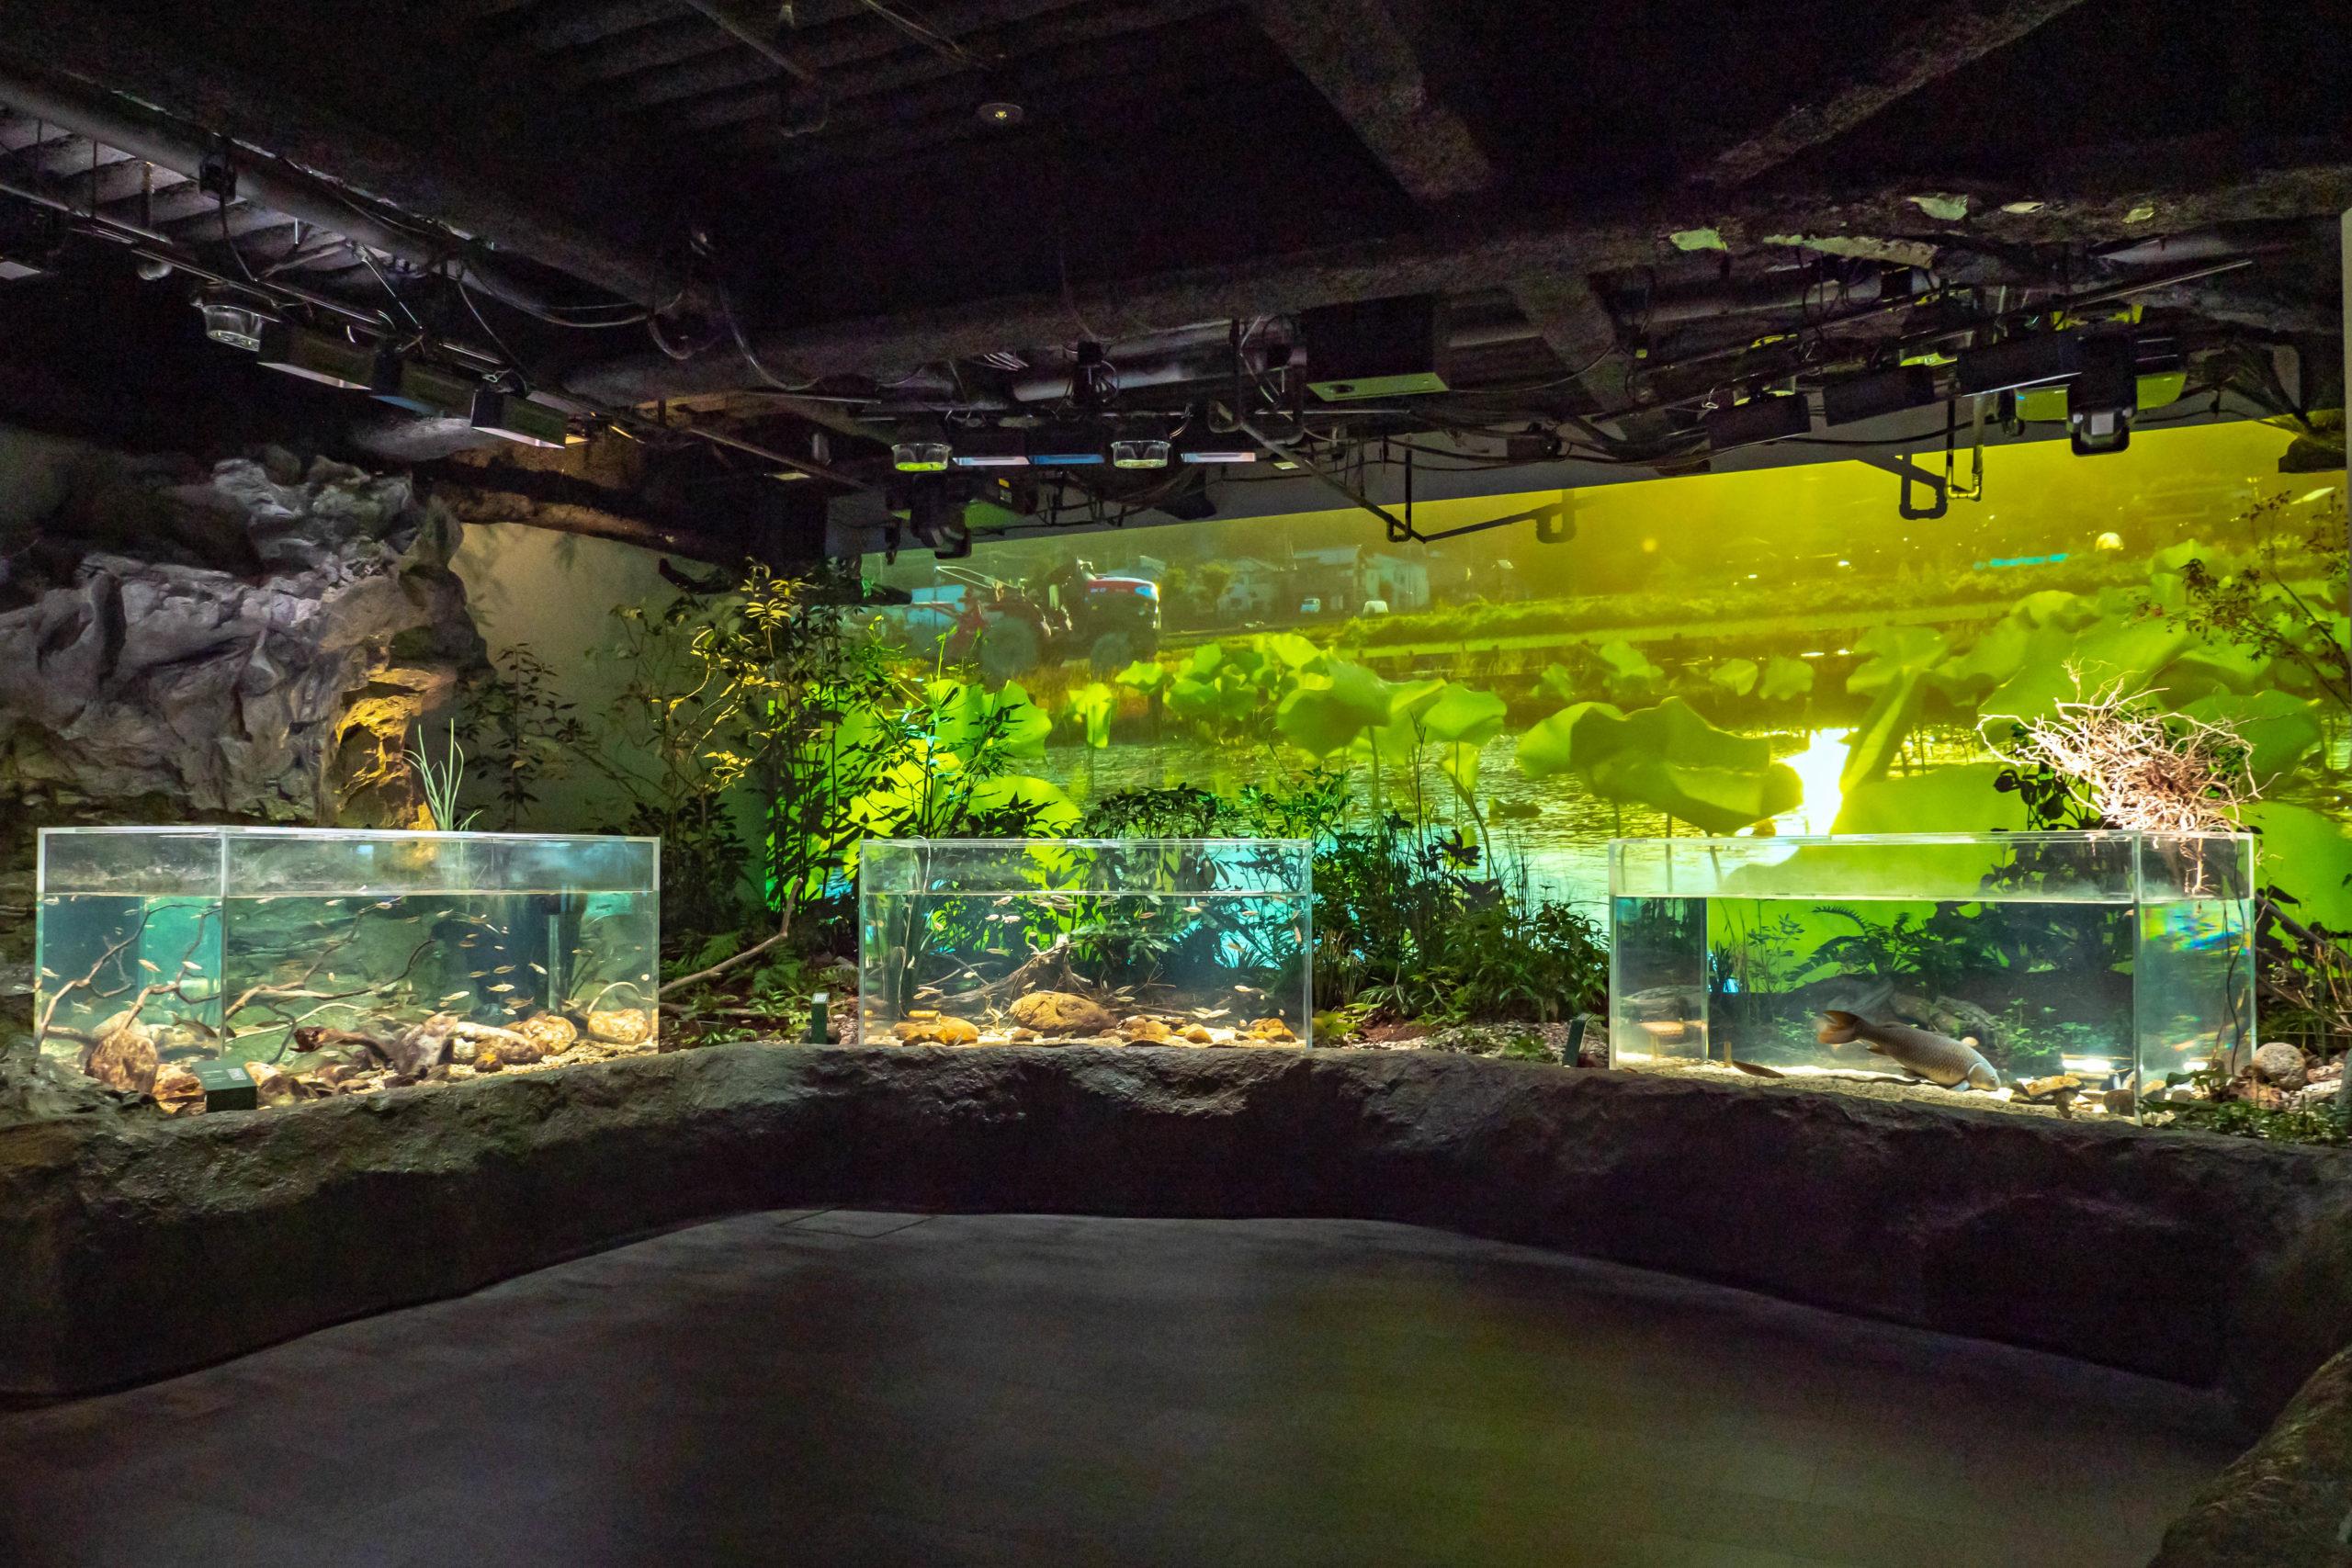 LEDビジョン,LEDディスプレイ,システム,カワスイ,川崎水族館,プロジェクター